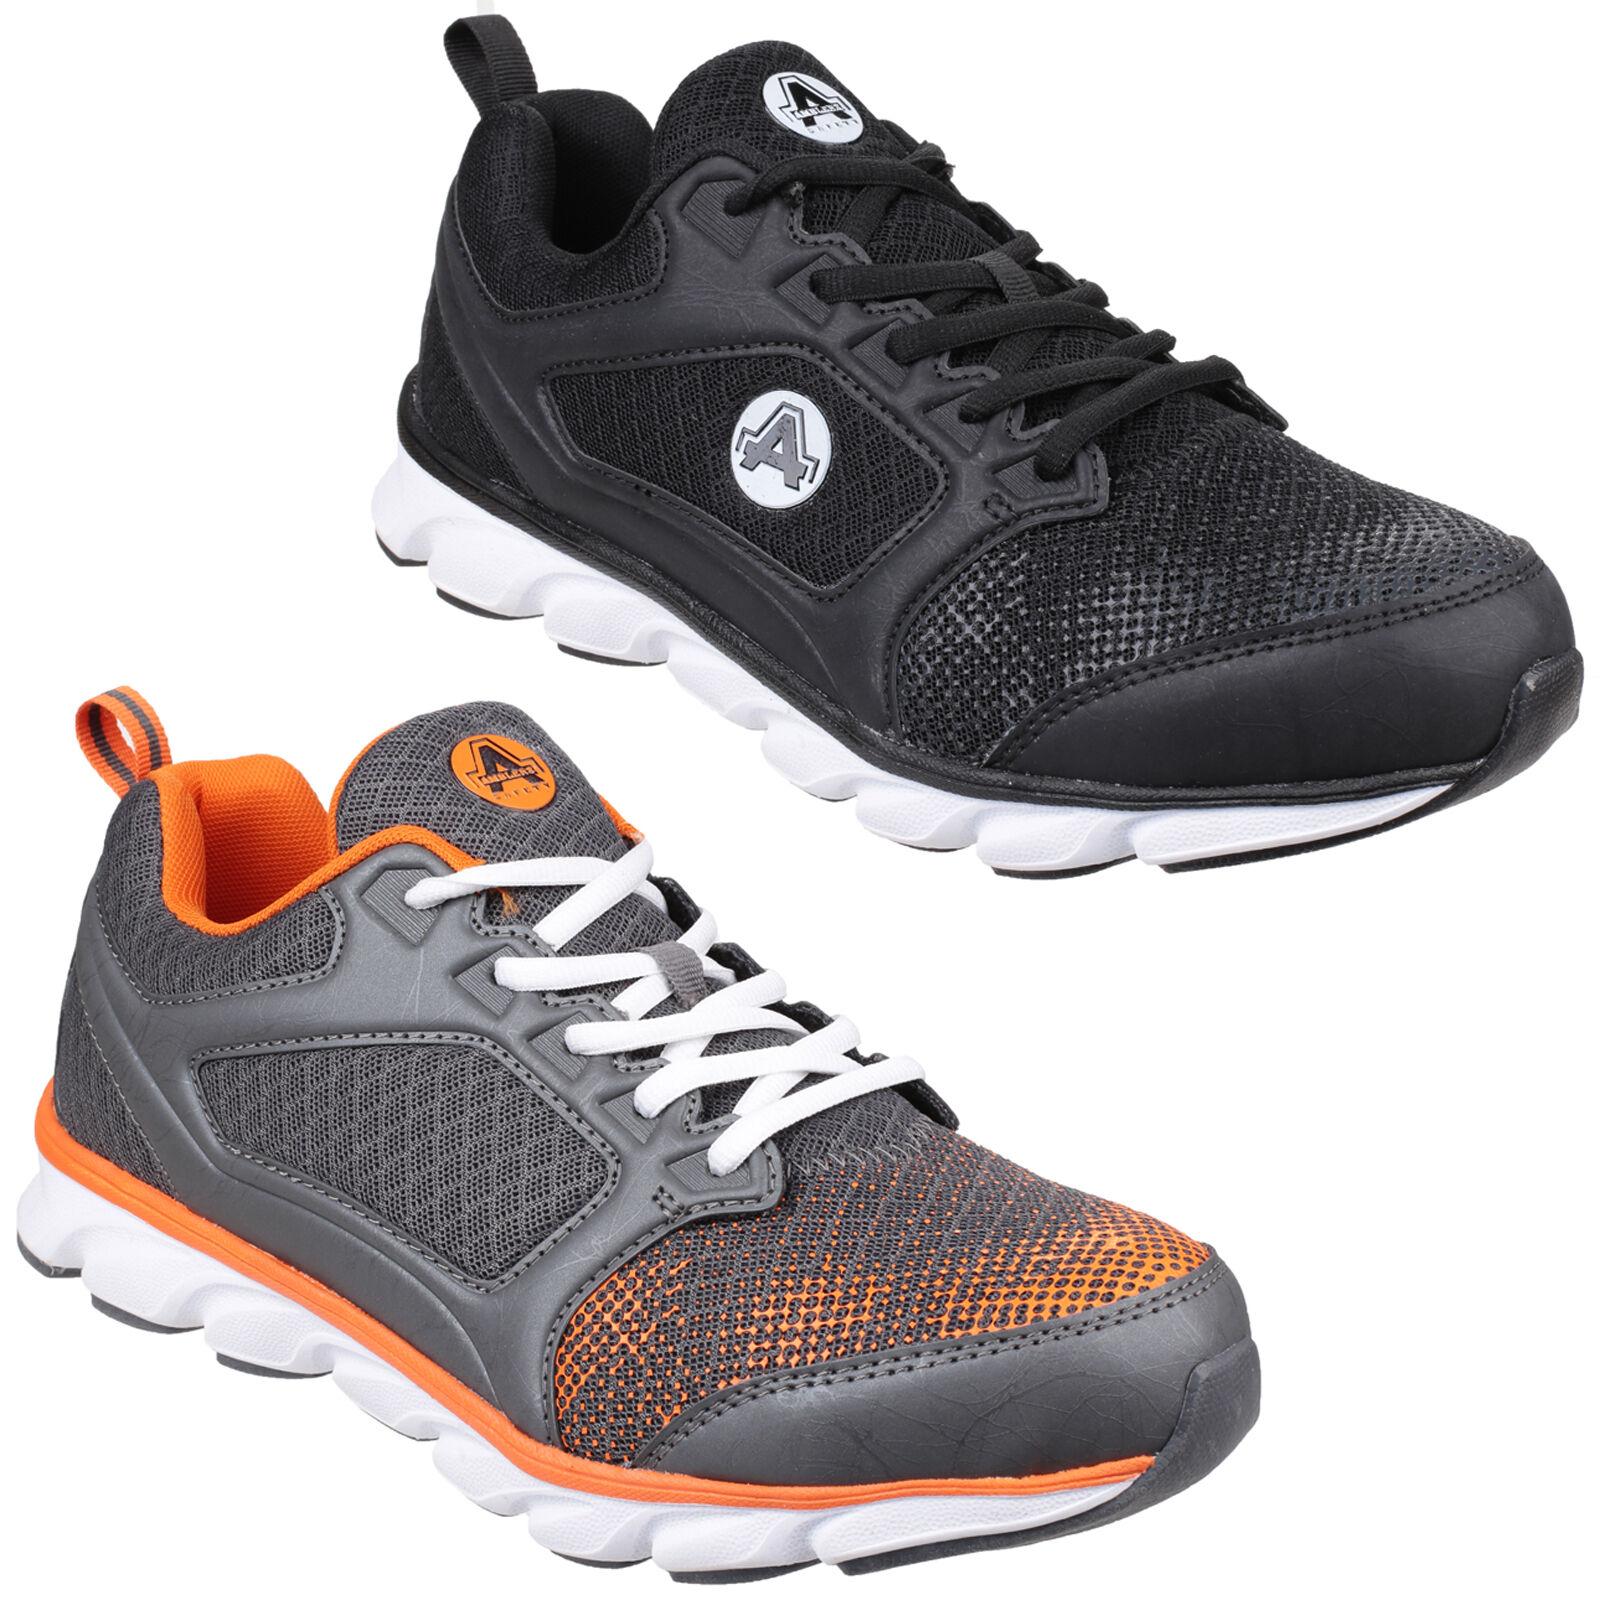 Amblers AS707 Kyanite sécurité homme steel toe cap formateurs chaussures UK6-12